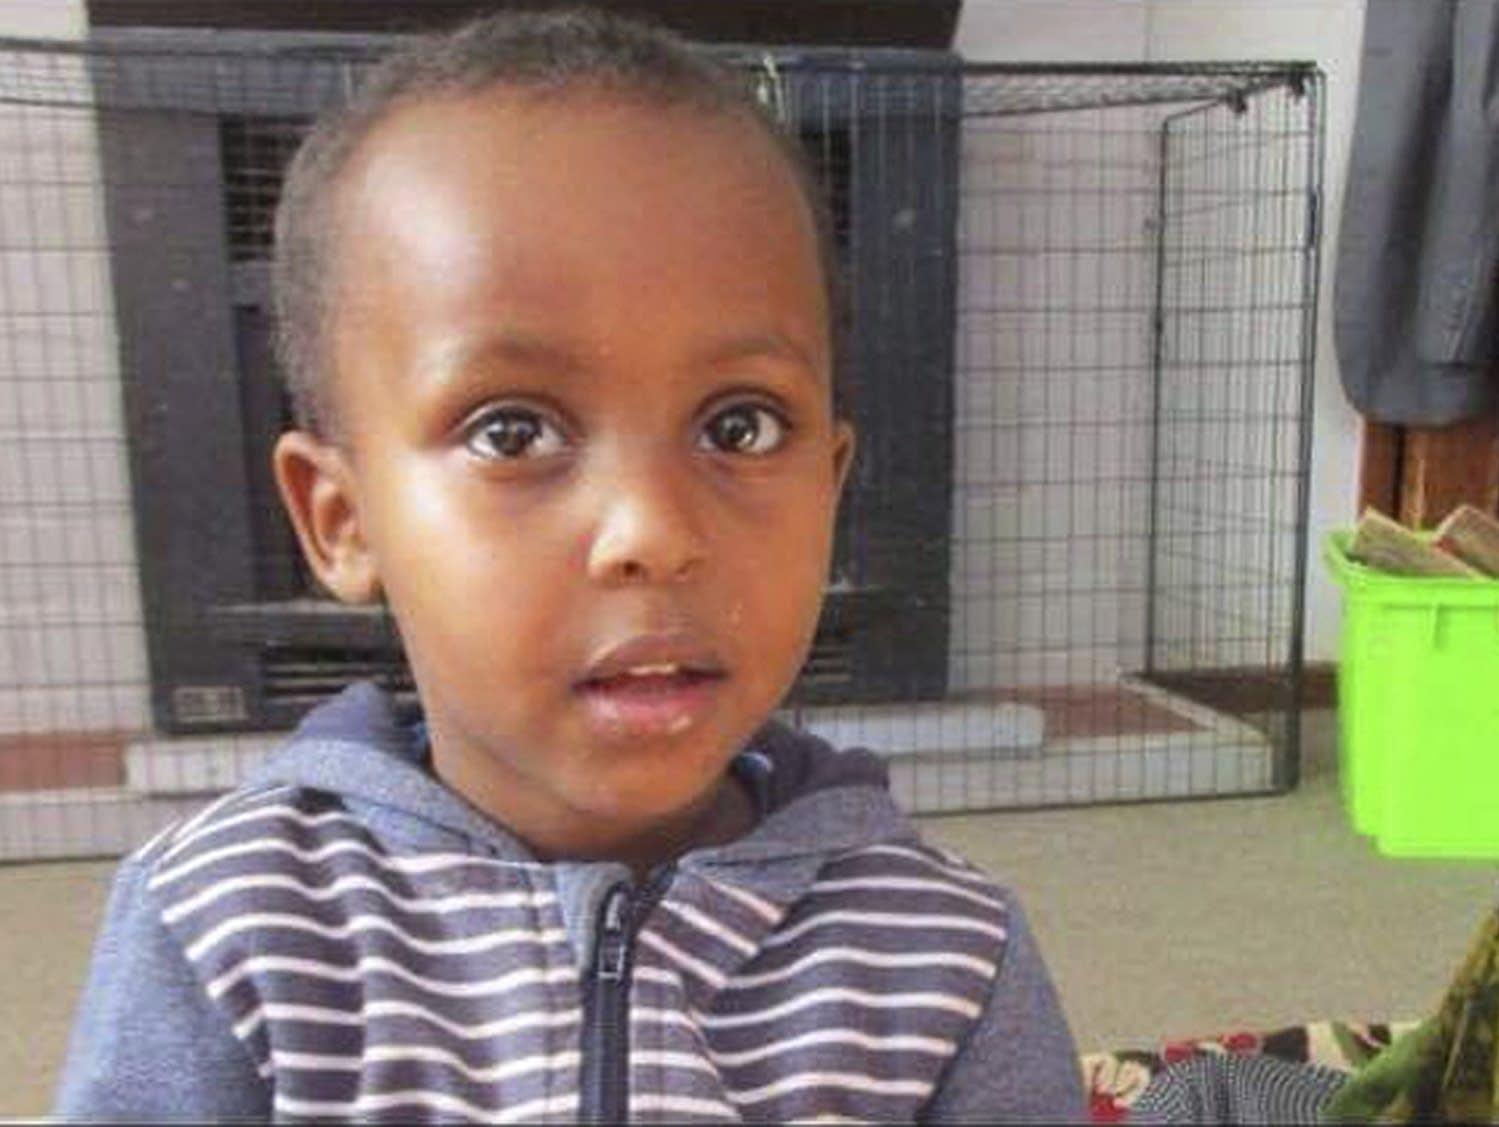 Three-year-old Mucaad Ibrahim